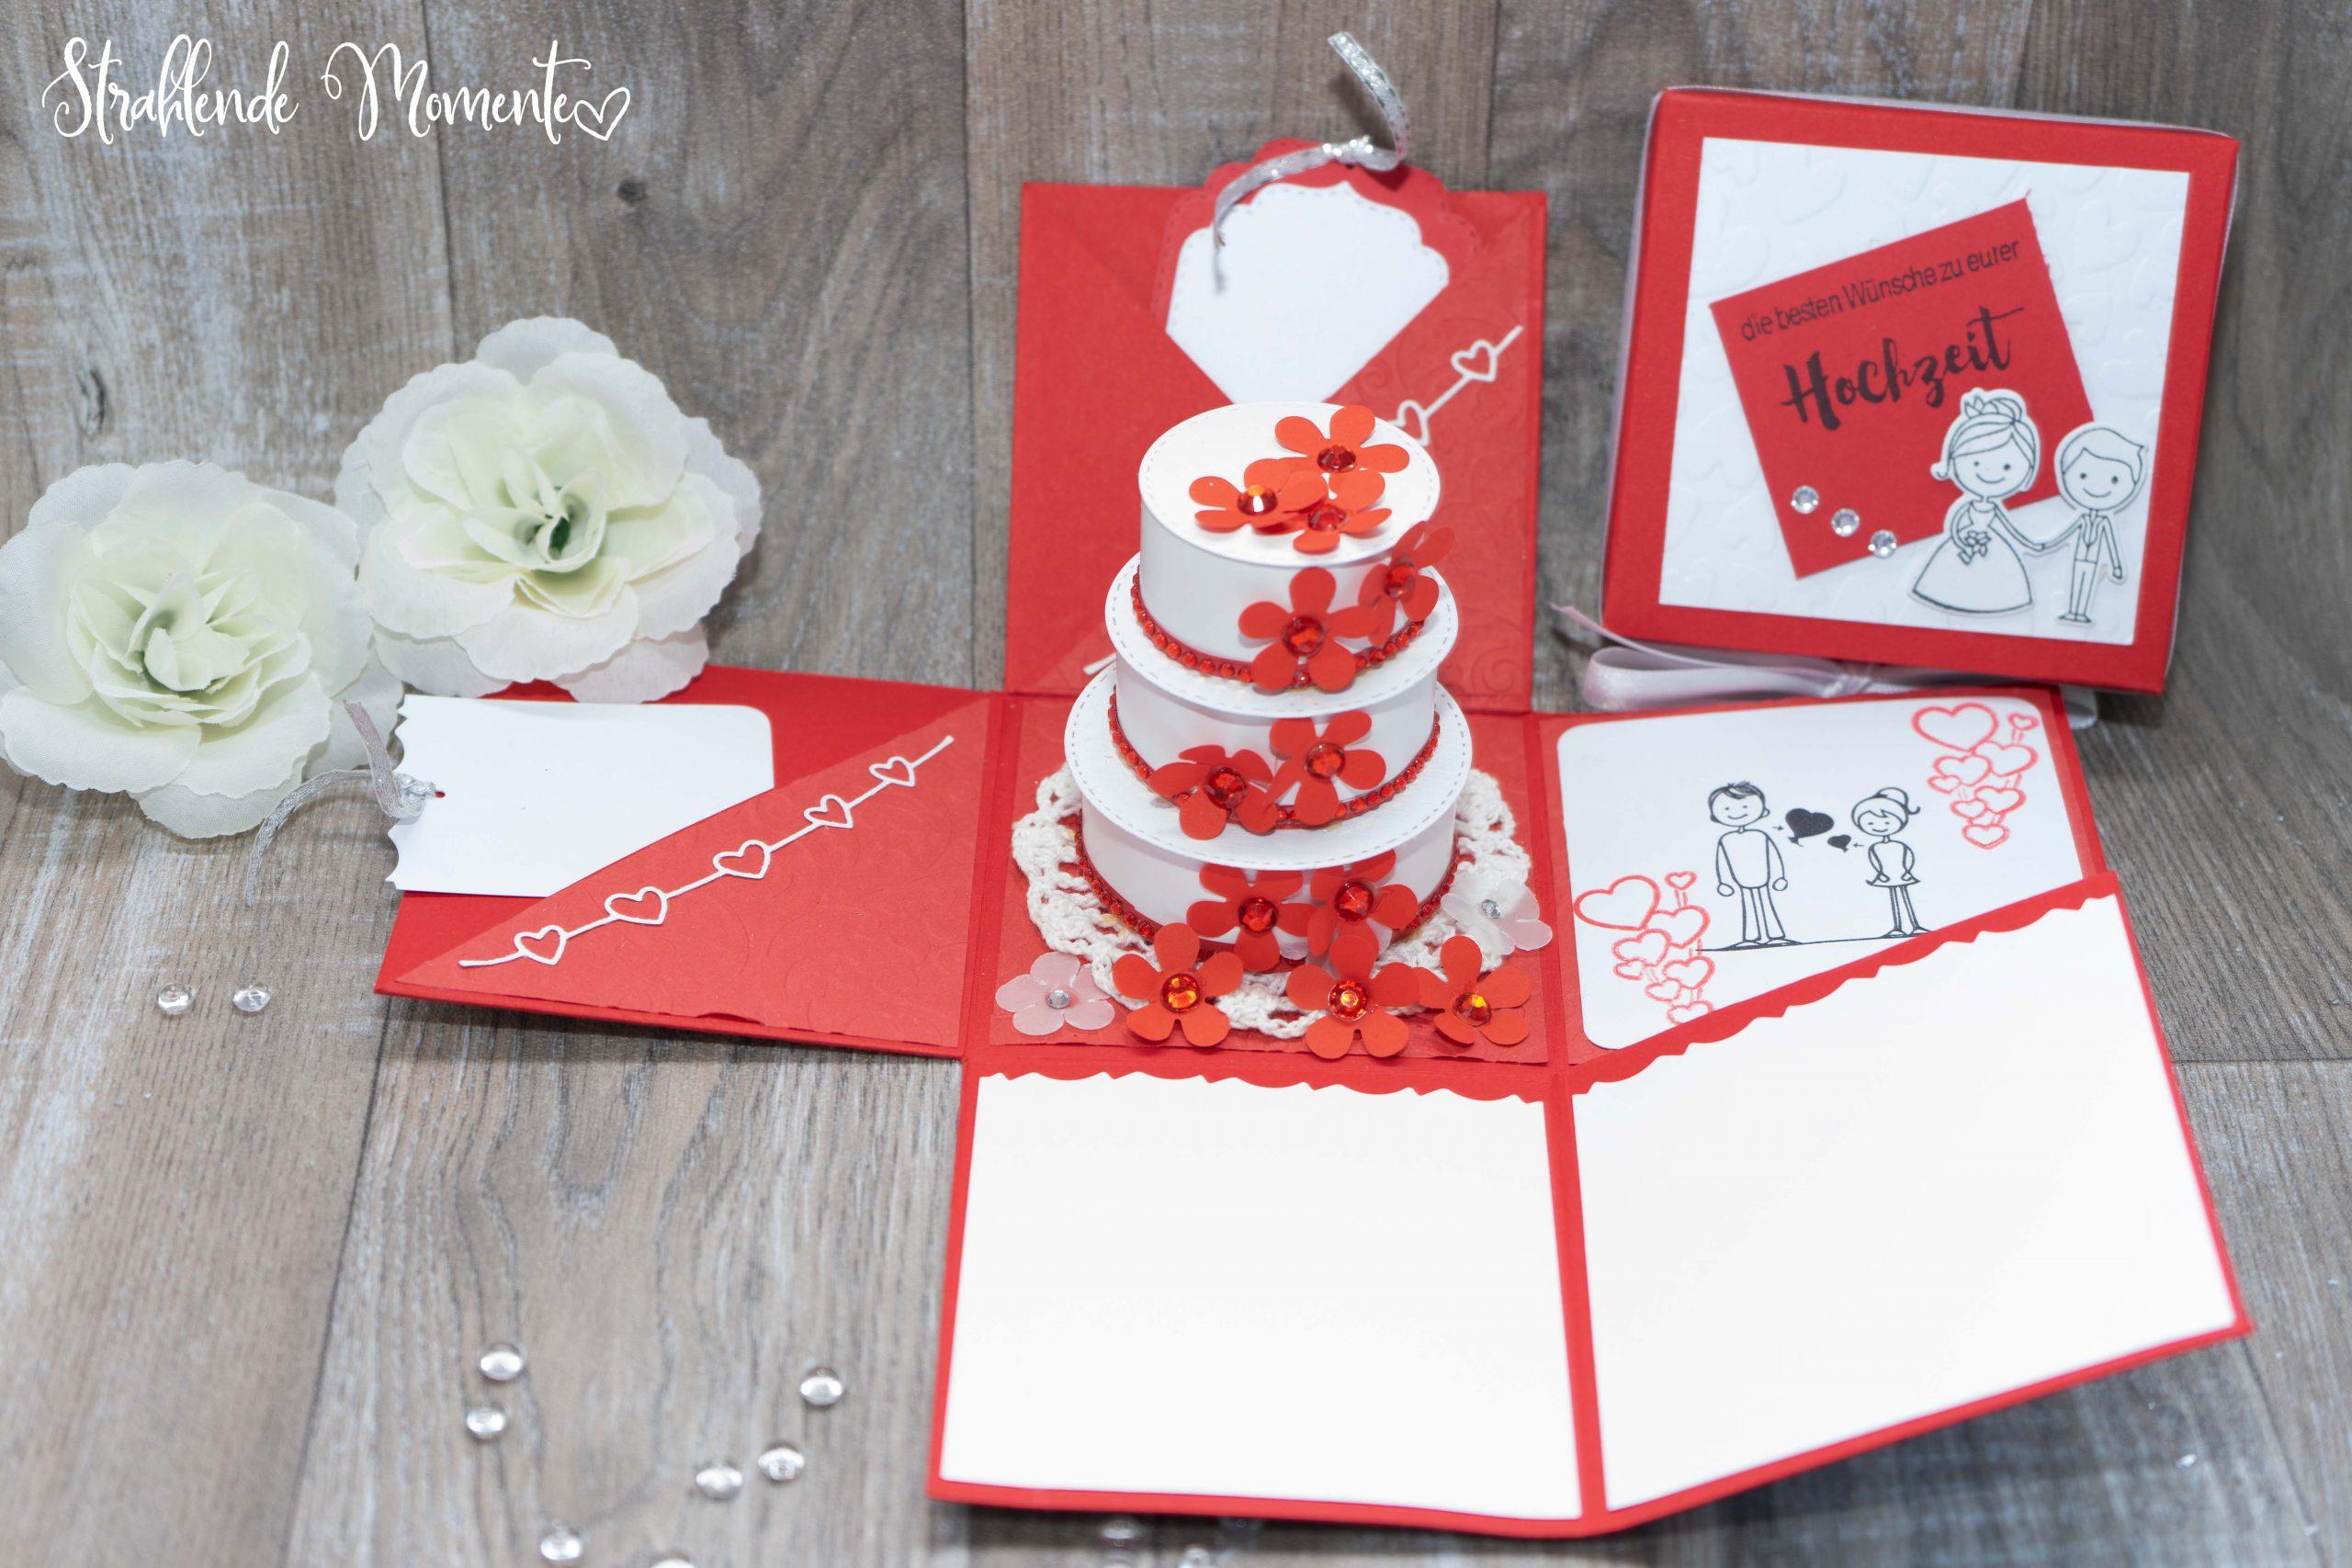 Auftragsarbeiten für Hochzeitsgeschenke